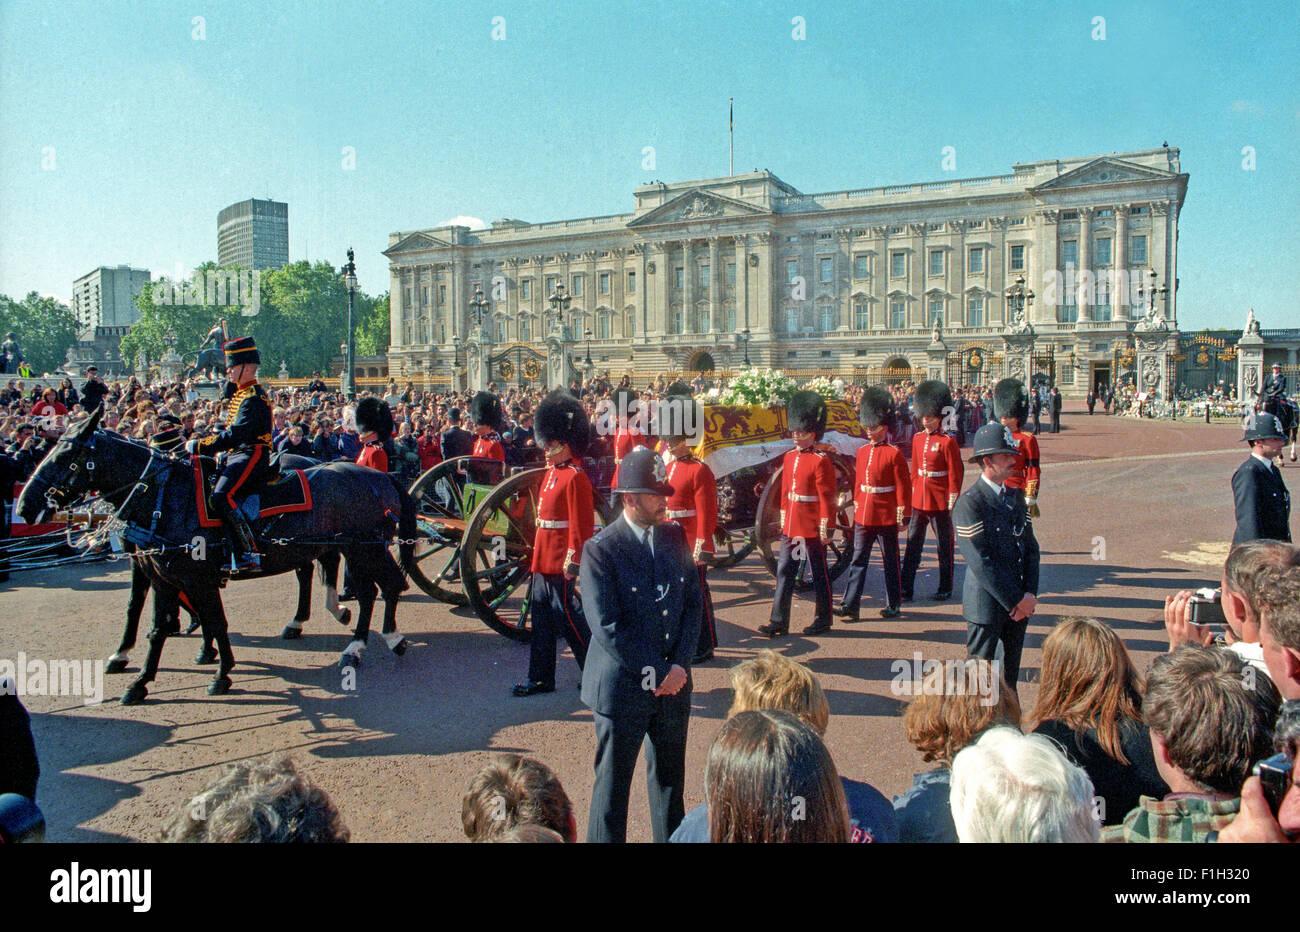 Prinzessin Diana Princess of Wales Beerdigung Pässe Buckingham Palace 6 September 1997. Aus den Archiven von Stockbild